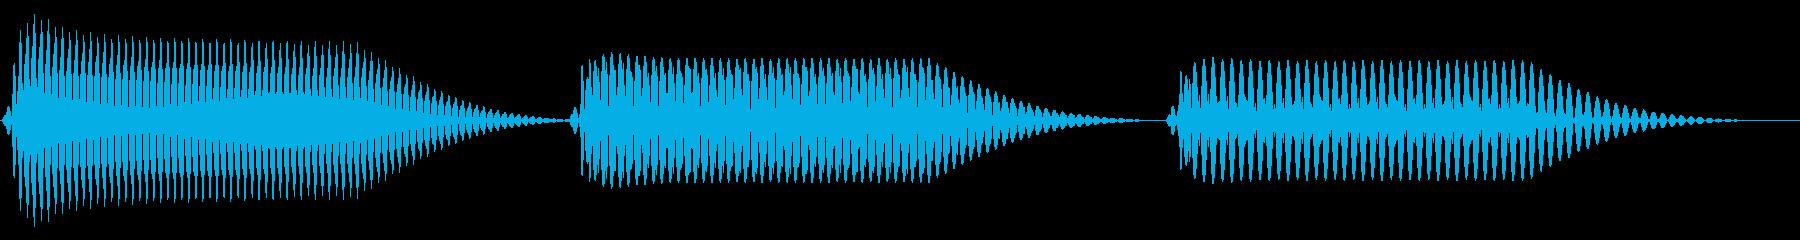 往年のRPG風 コマンド音 シリーズ 8の再生済みの波形